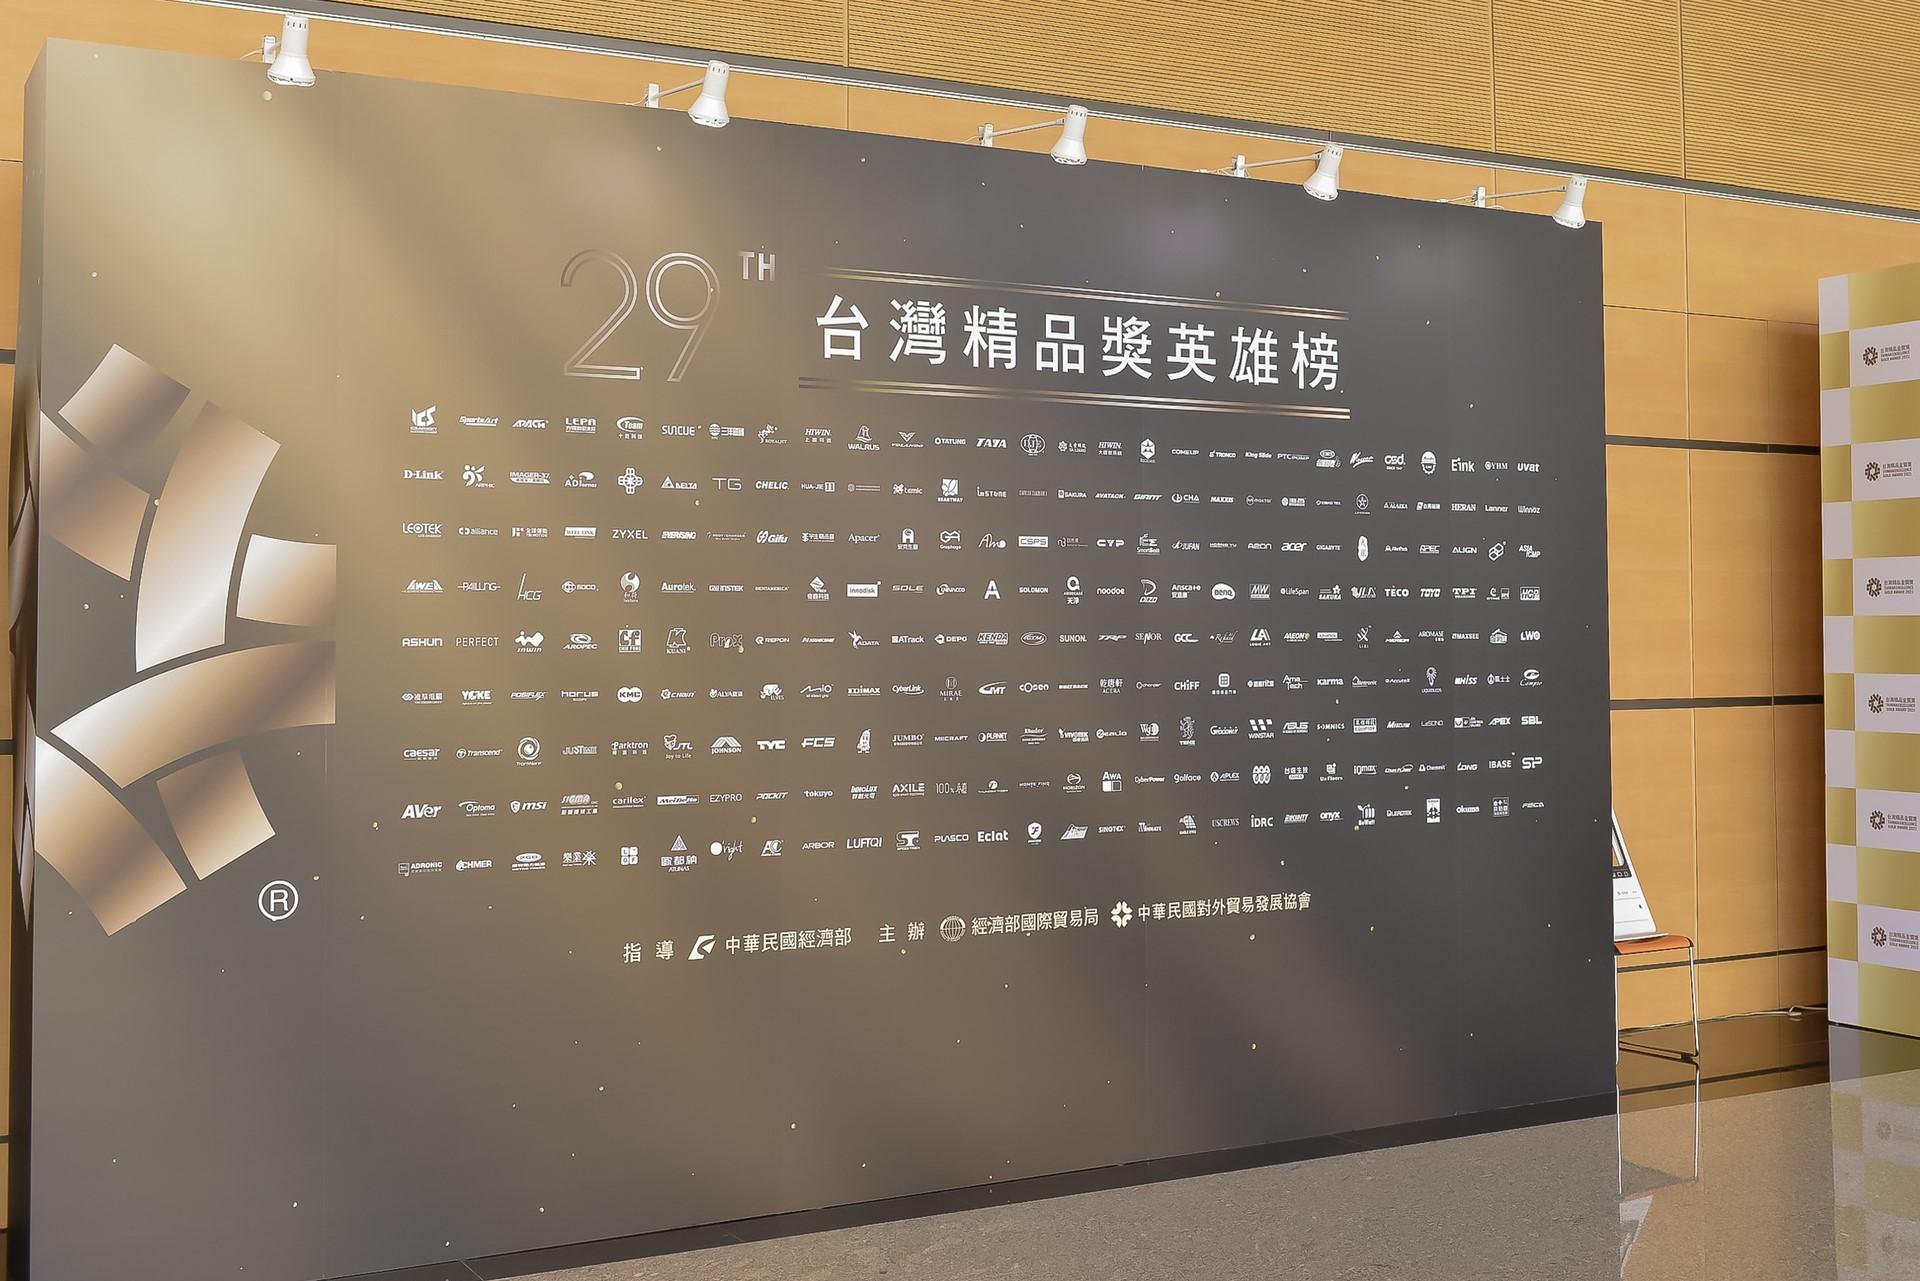 台灣精品頒獎典禮_2021台灣精品獎英雄榜